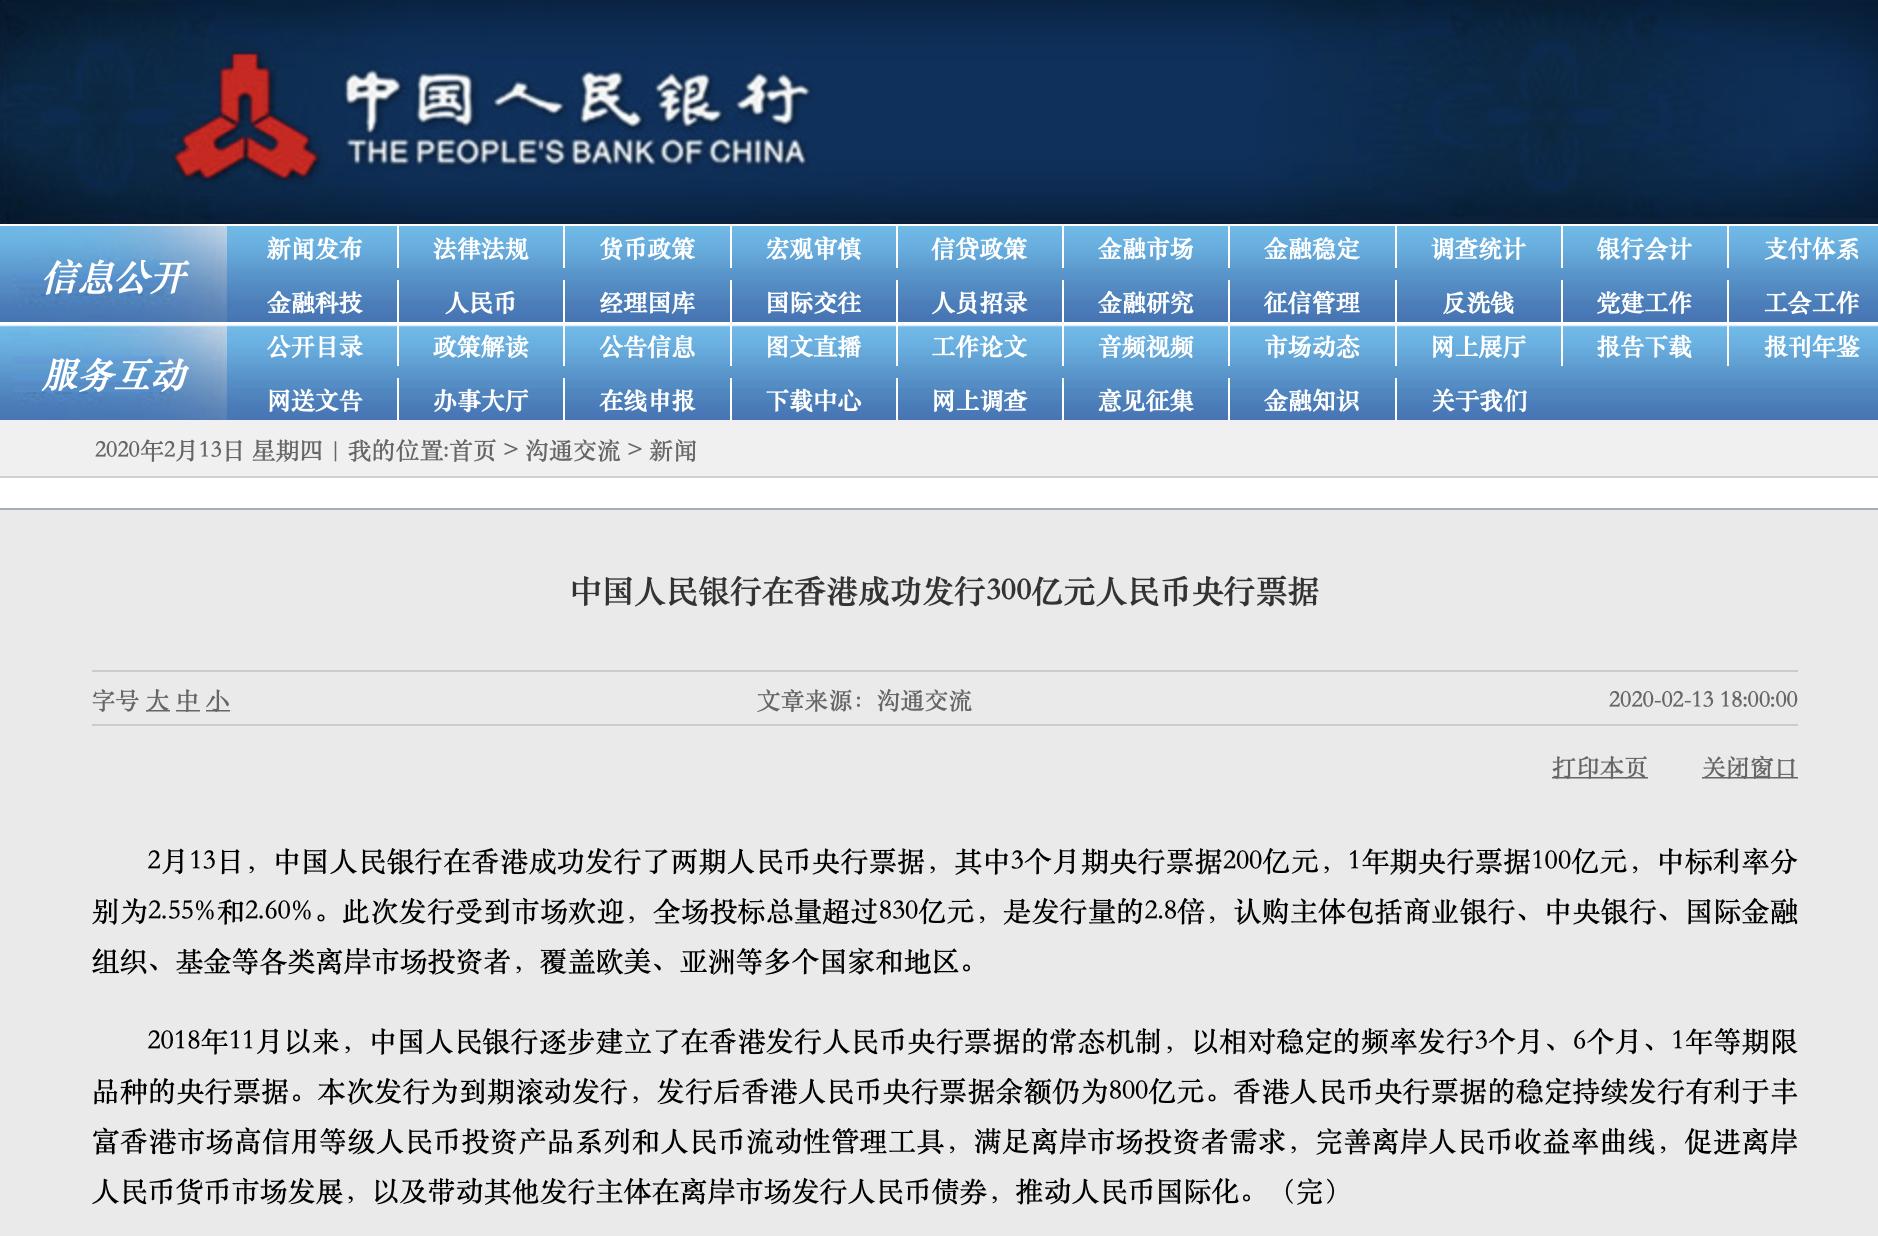 央行:在香港成功发行300亿元人民币央行票据